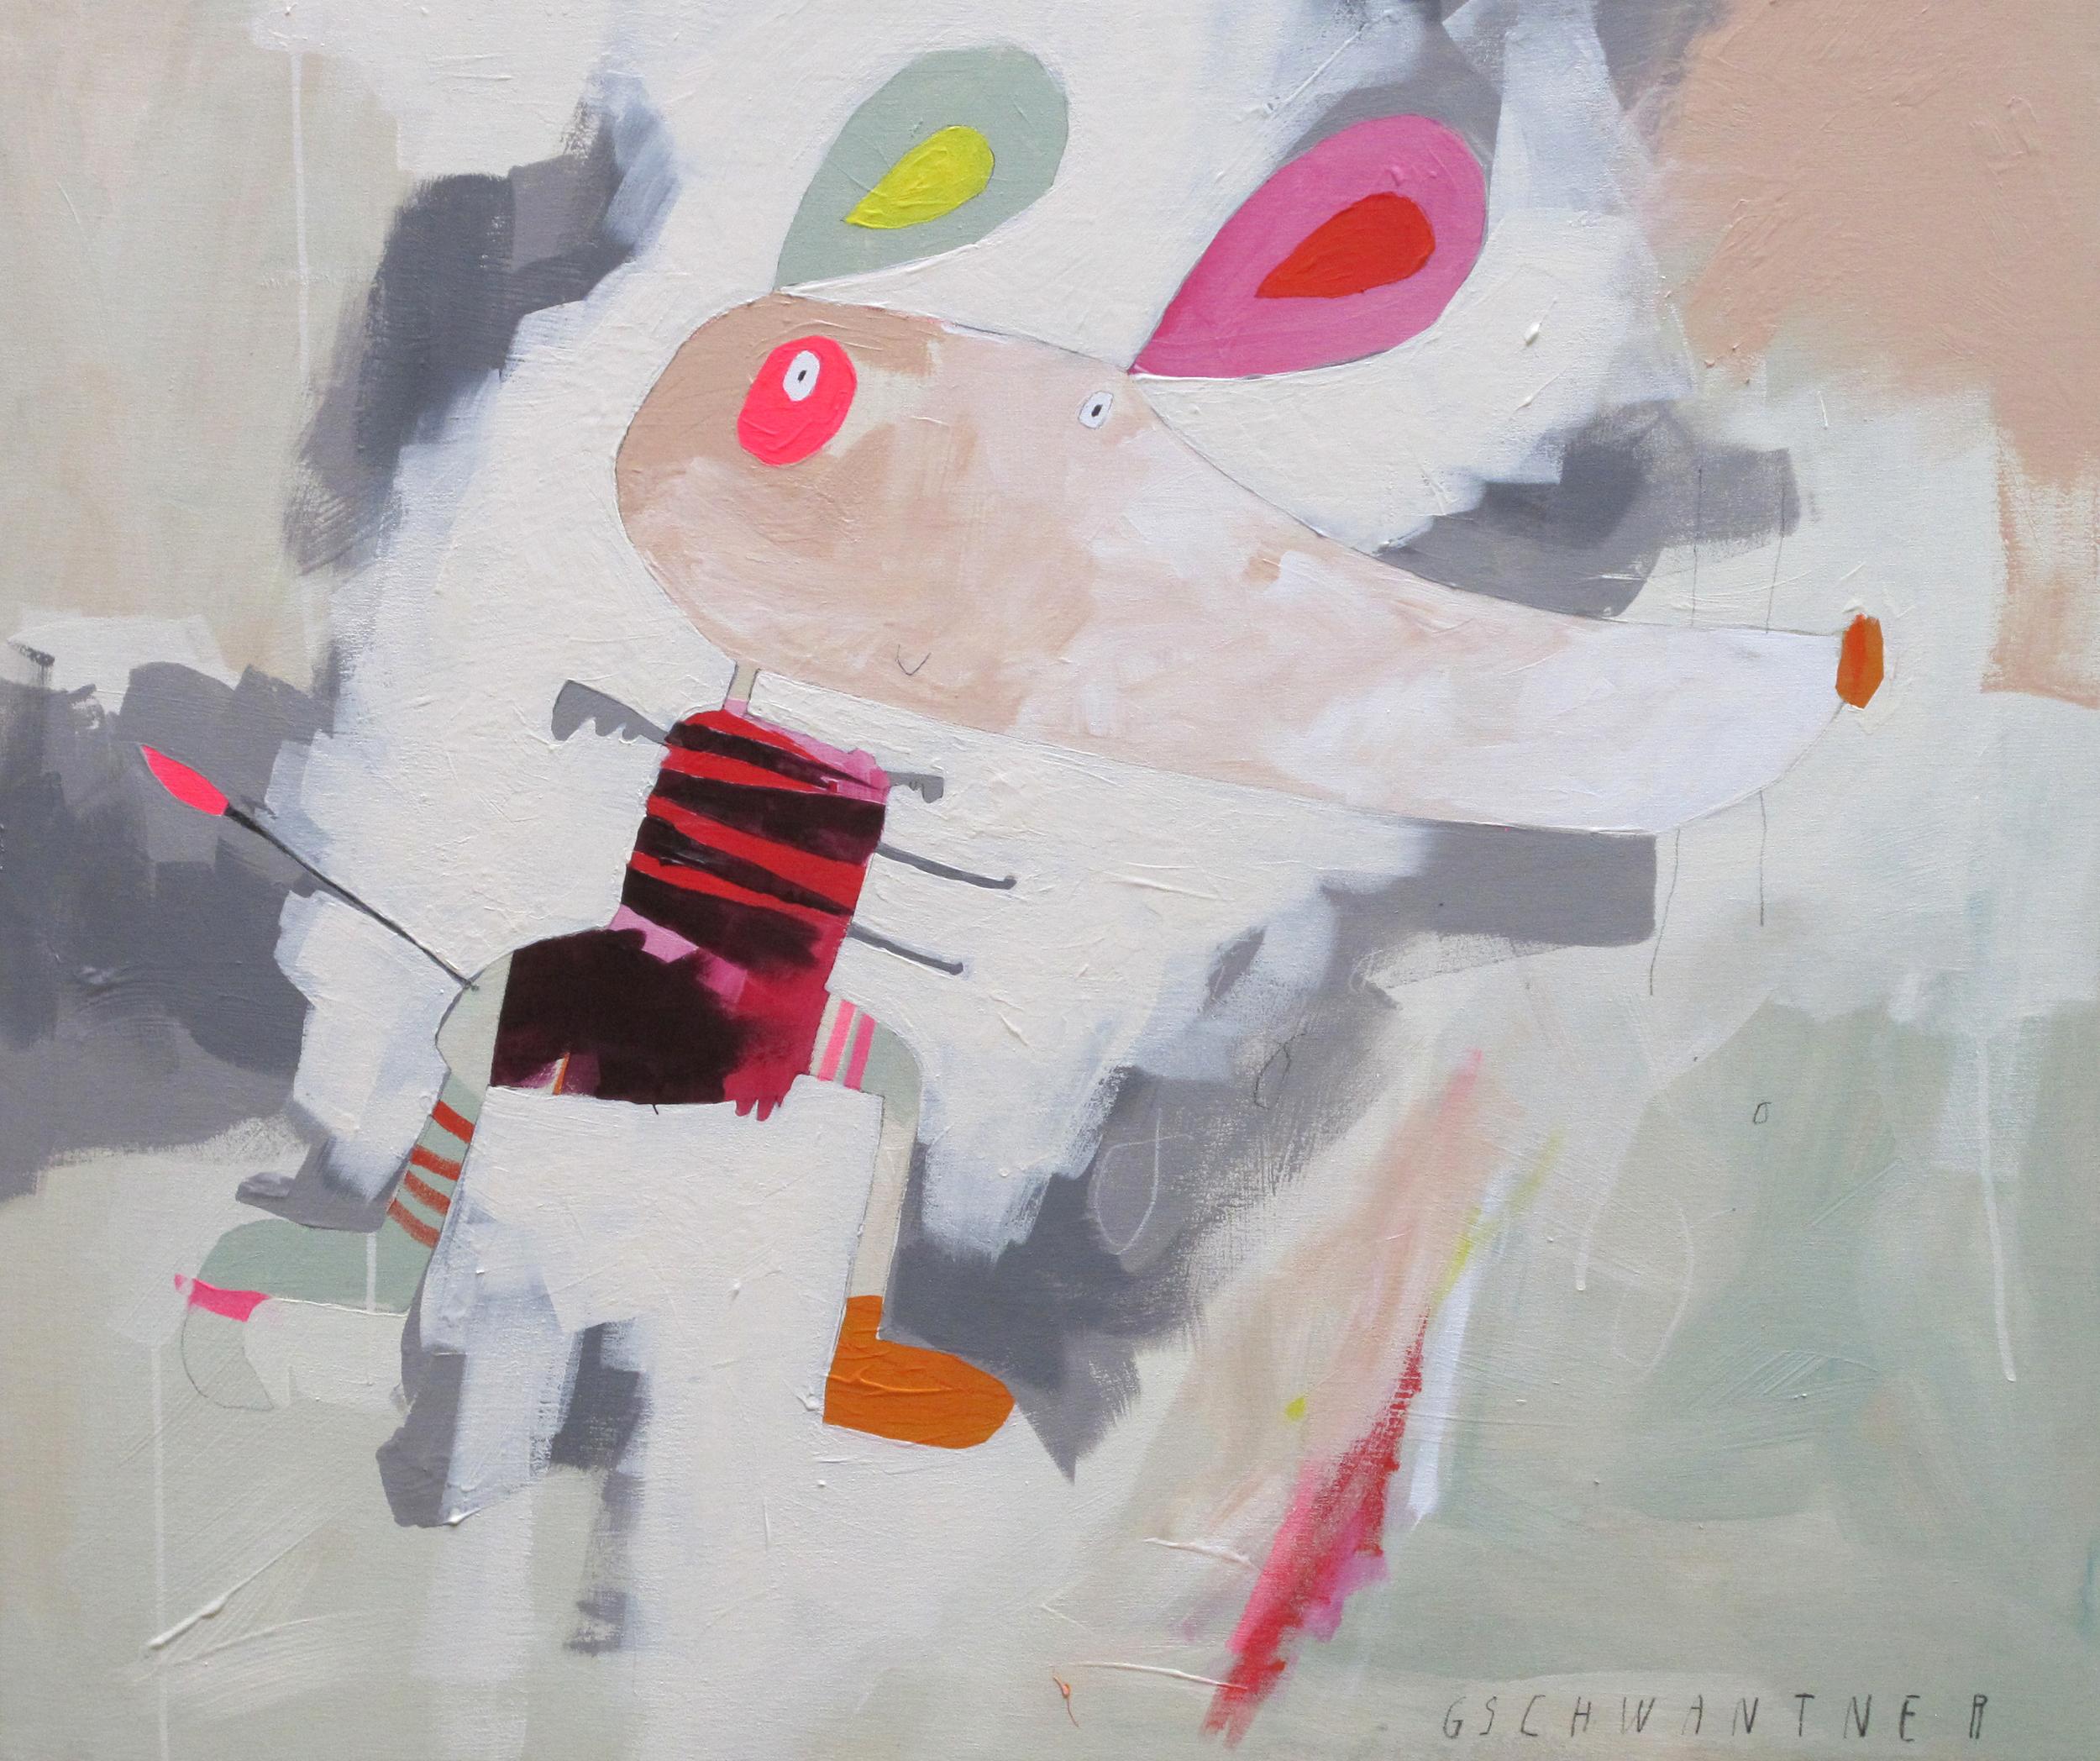 Beflügelte Maus, 2015, 1030 x 840